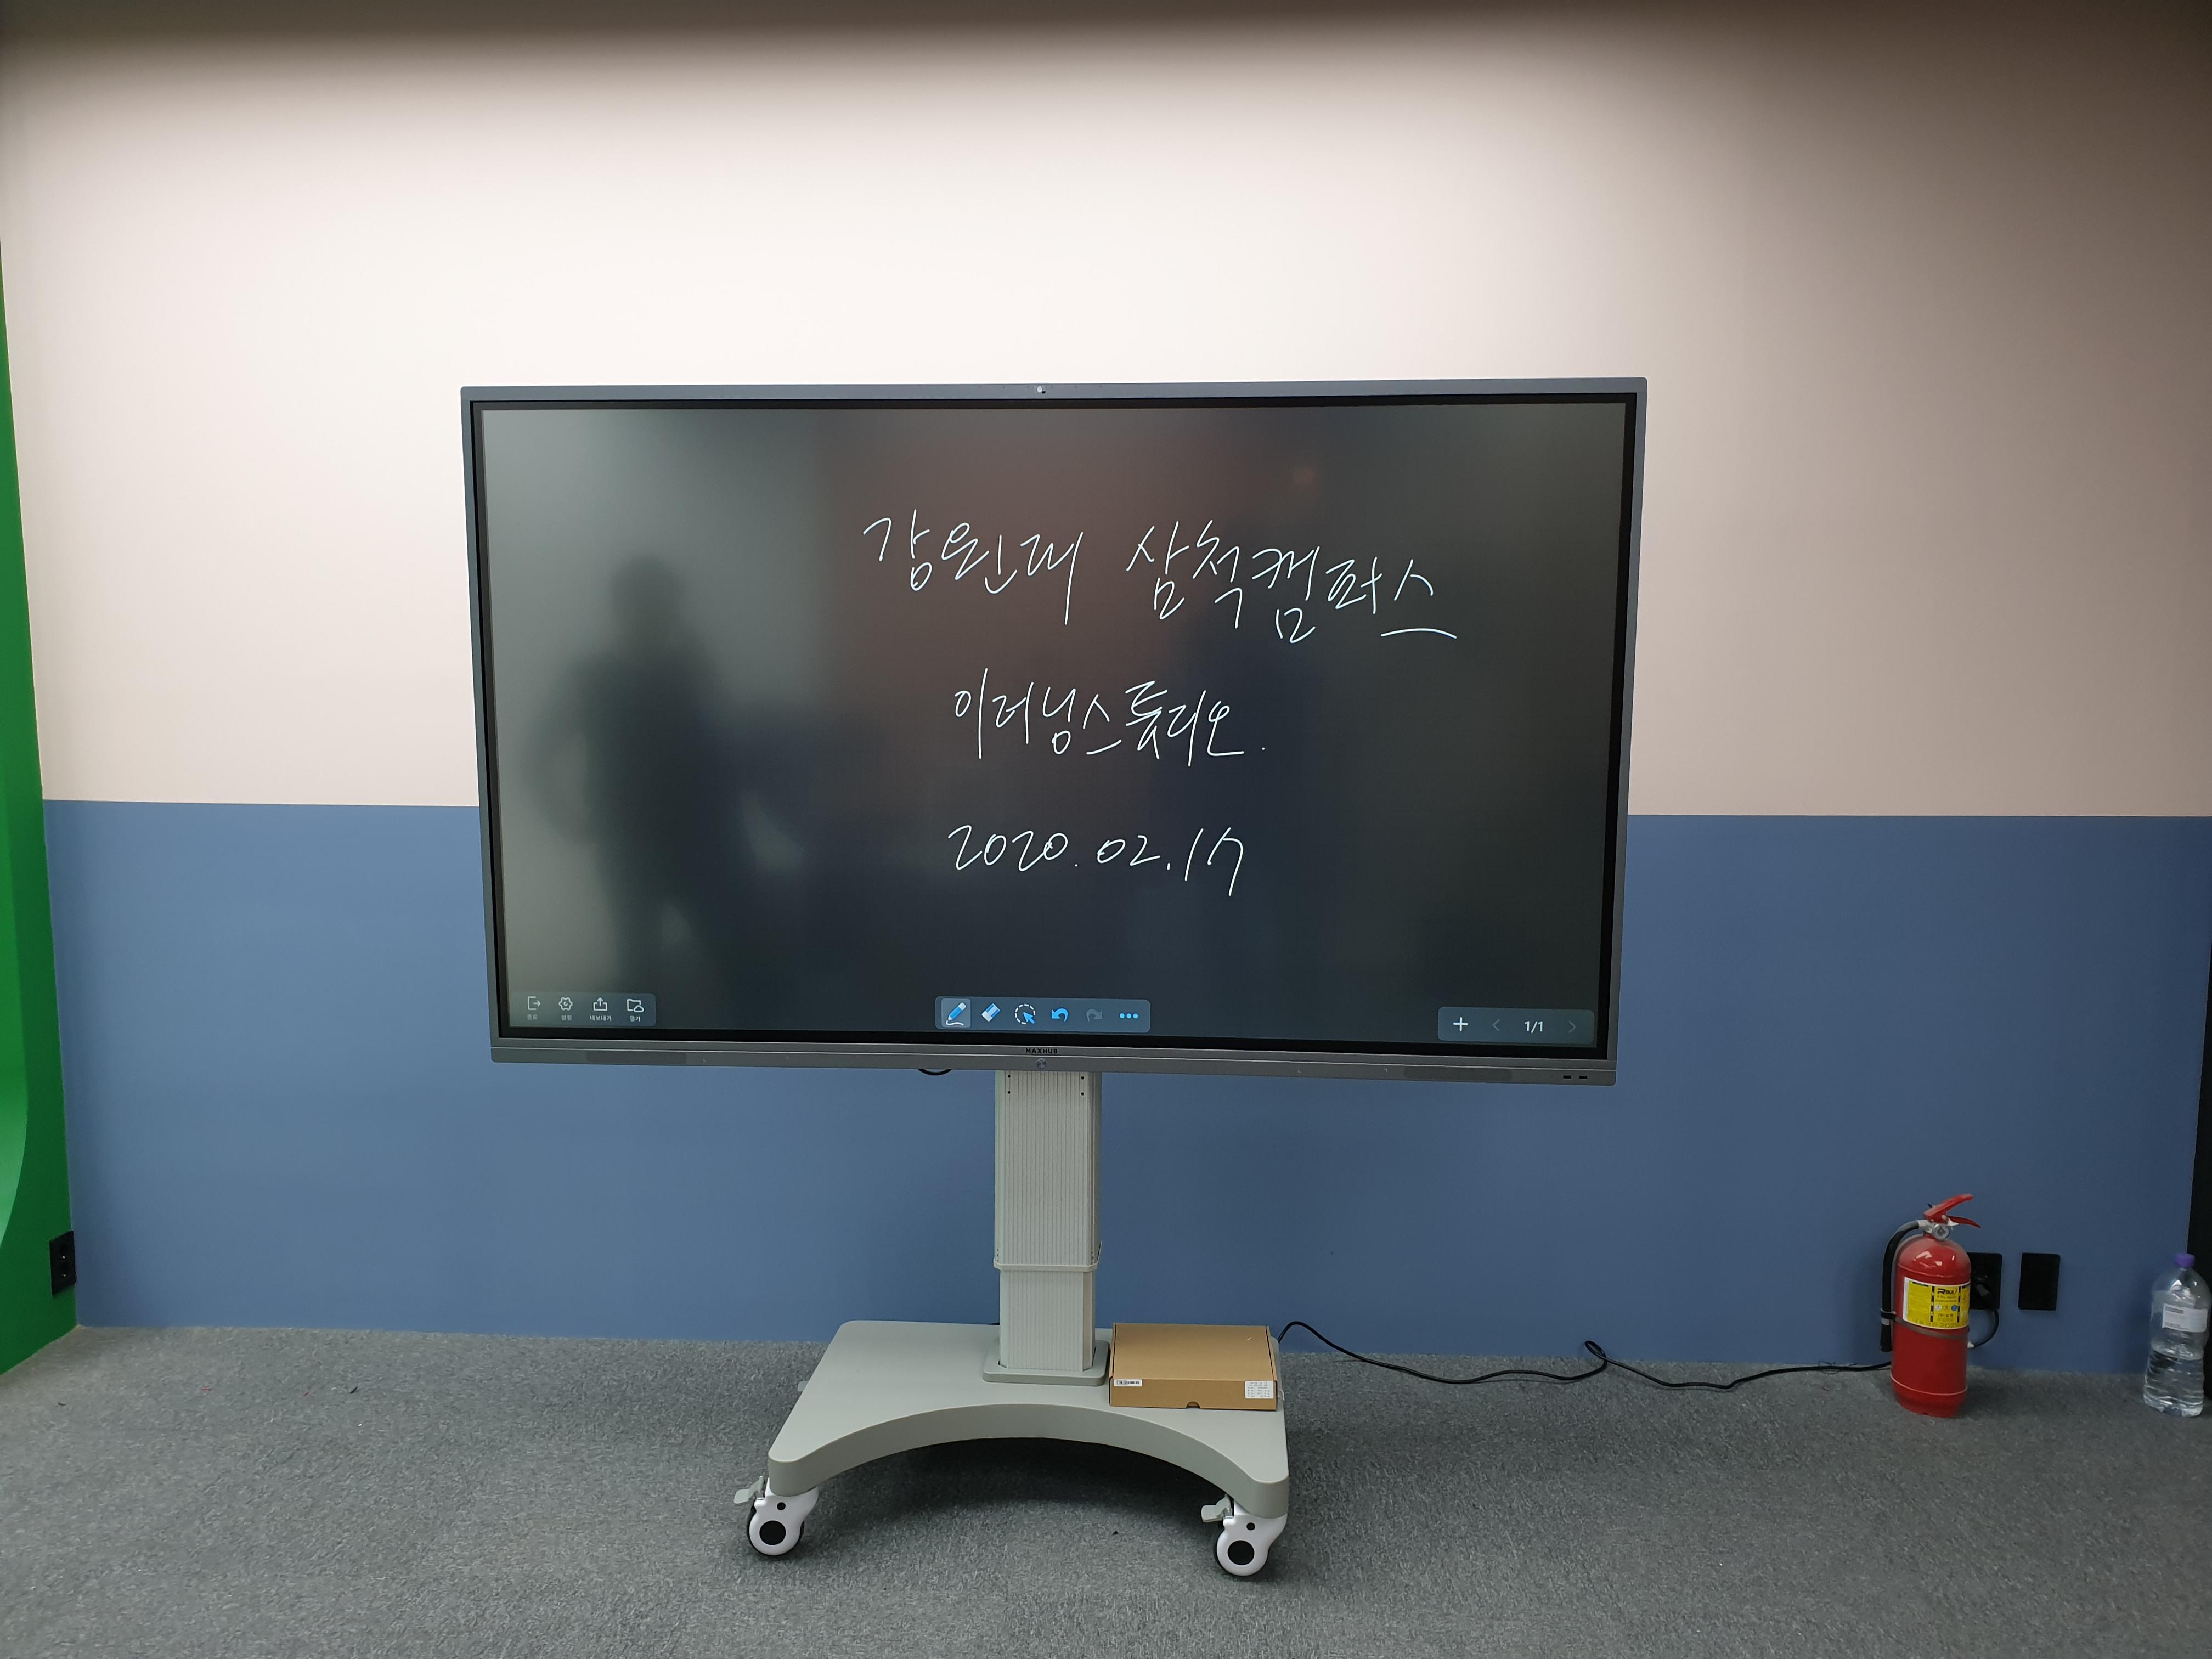 200217 강원대학교 삼척캠퍼스 S86FA 1